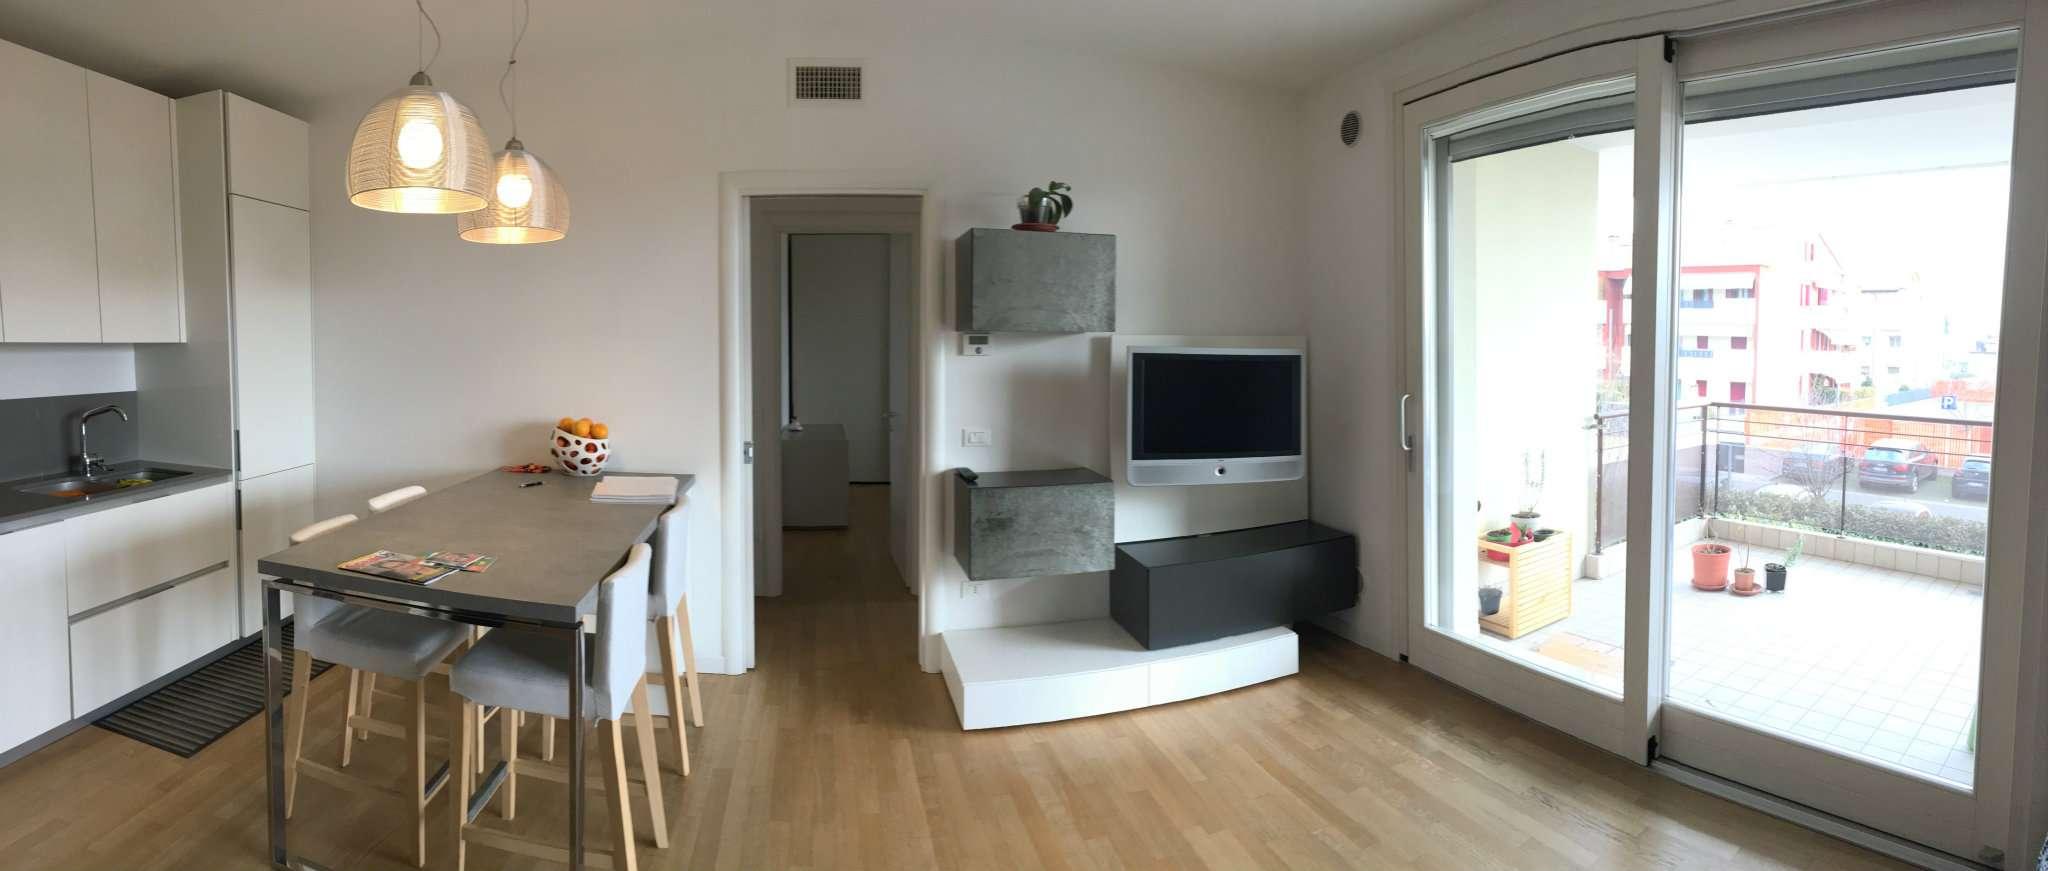 Appartamento in vendita a Mirano, 9999 locali, prezzo € 215.000 | Cambio Casa.it